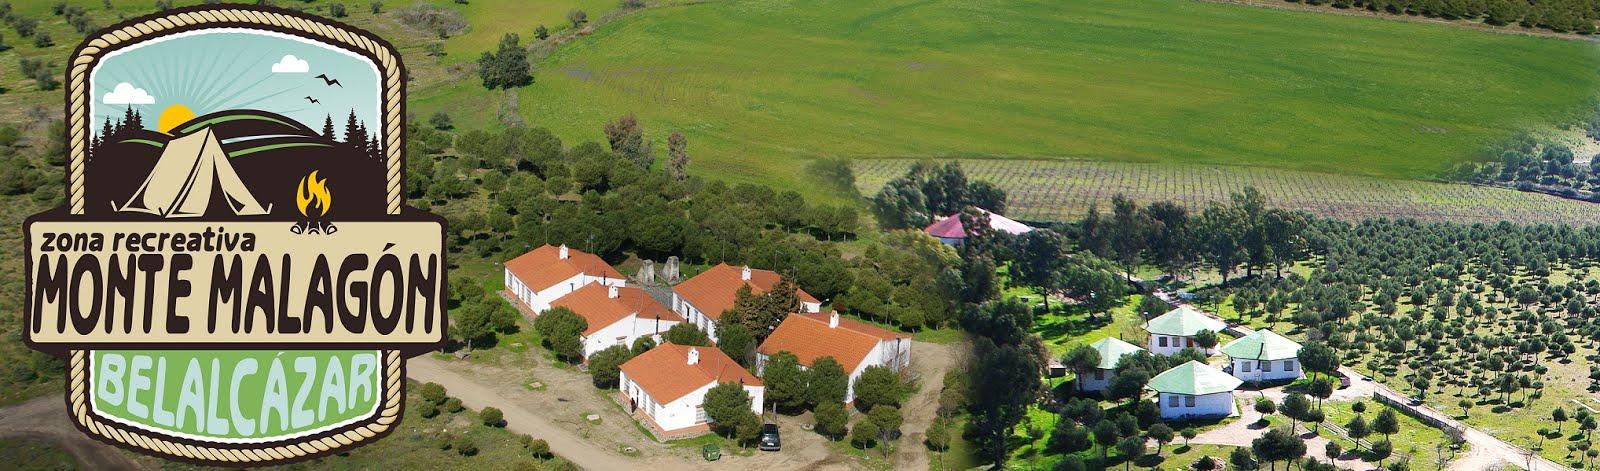 Monte Malagón Belalcázar